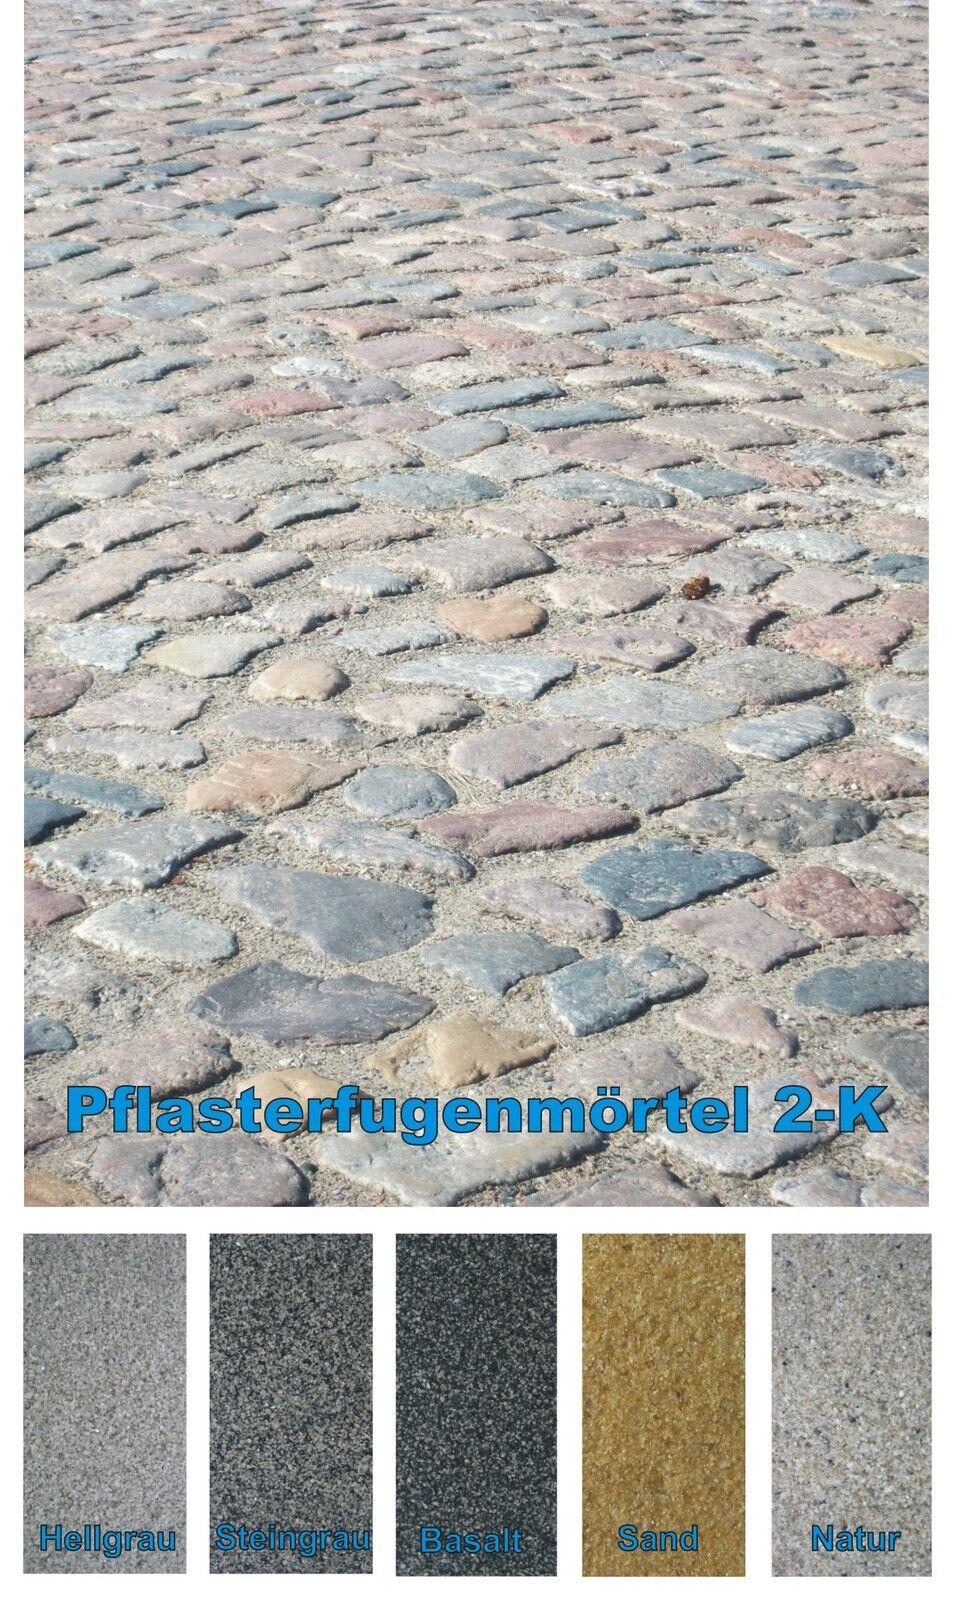 2 K Drän-Fugenmörtel unkrautfrei Natursteinpflaster f. PKW 26,5 kg (  1kg)